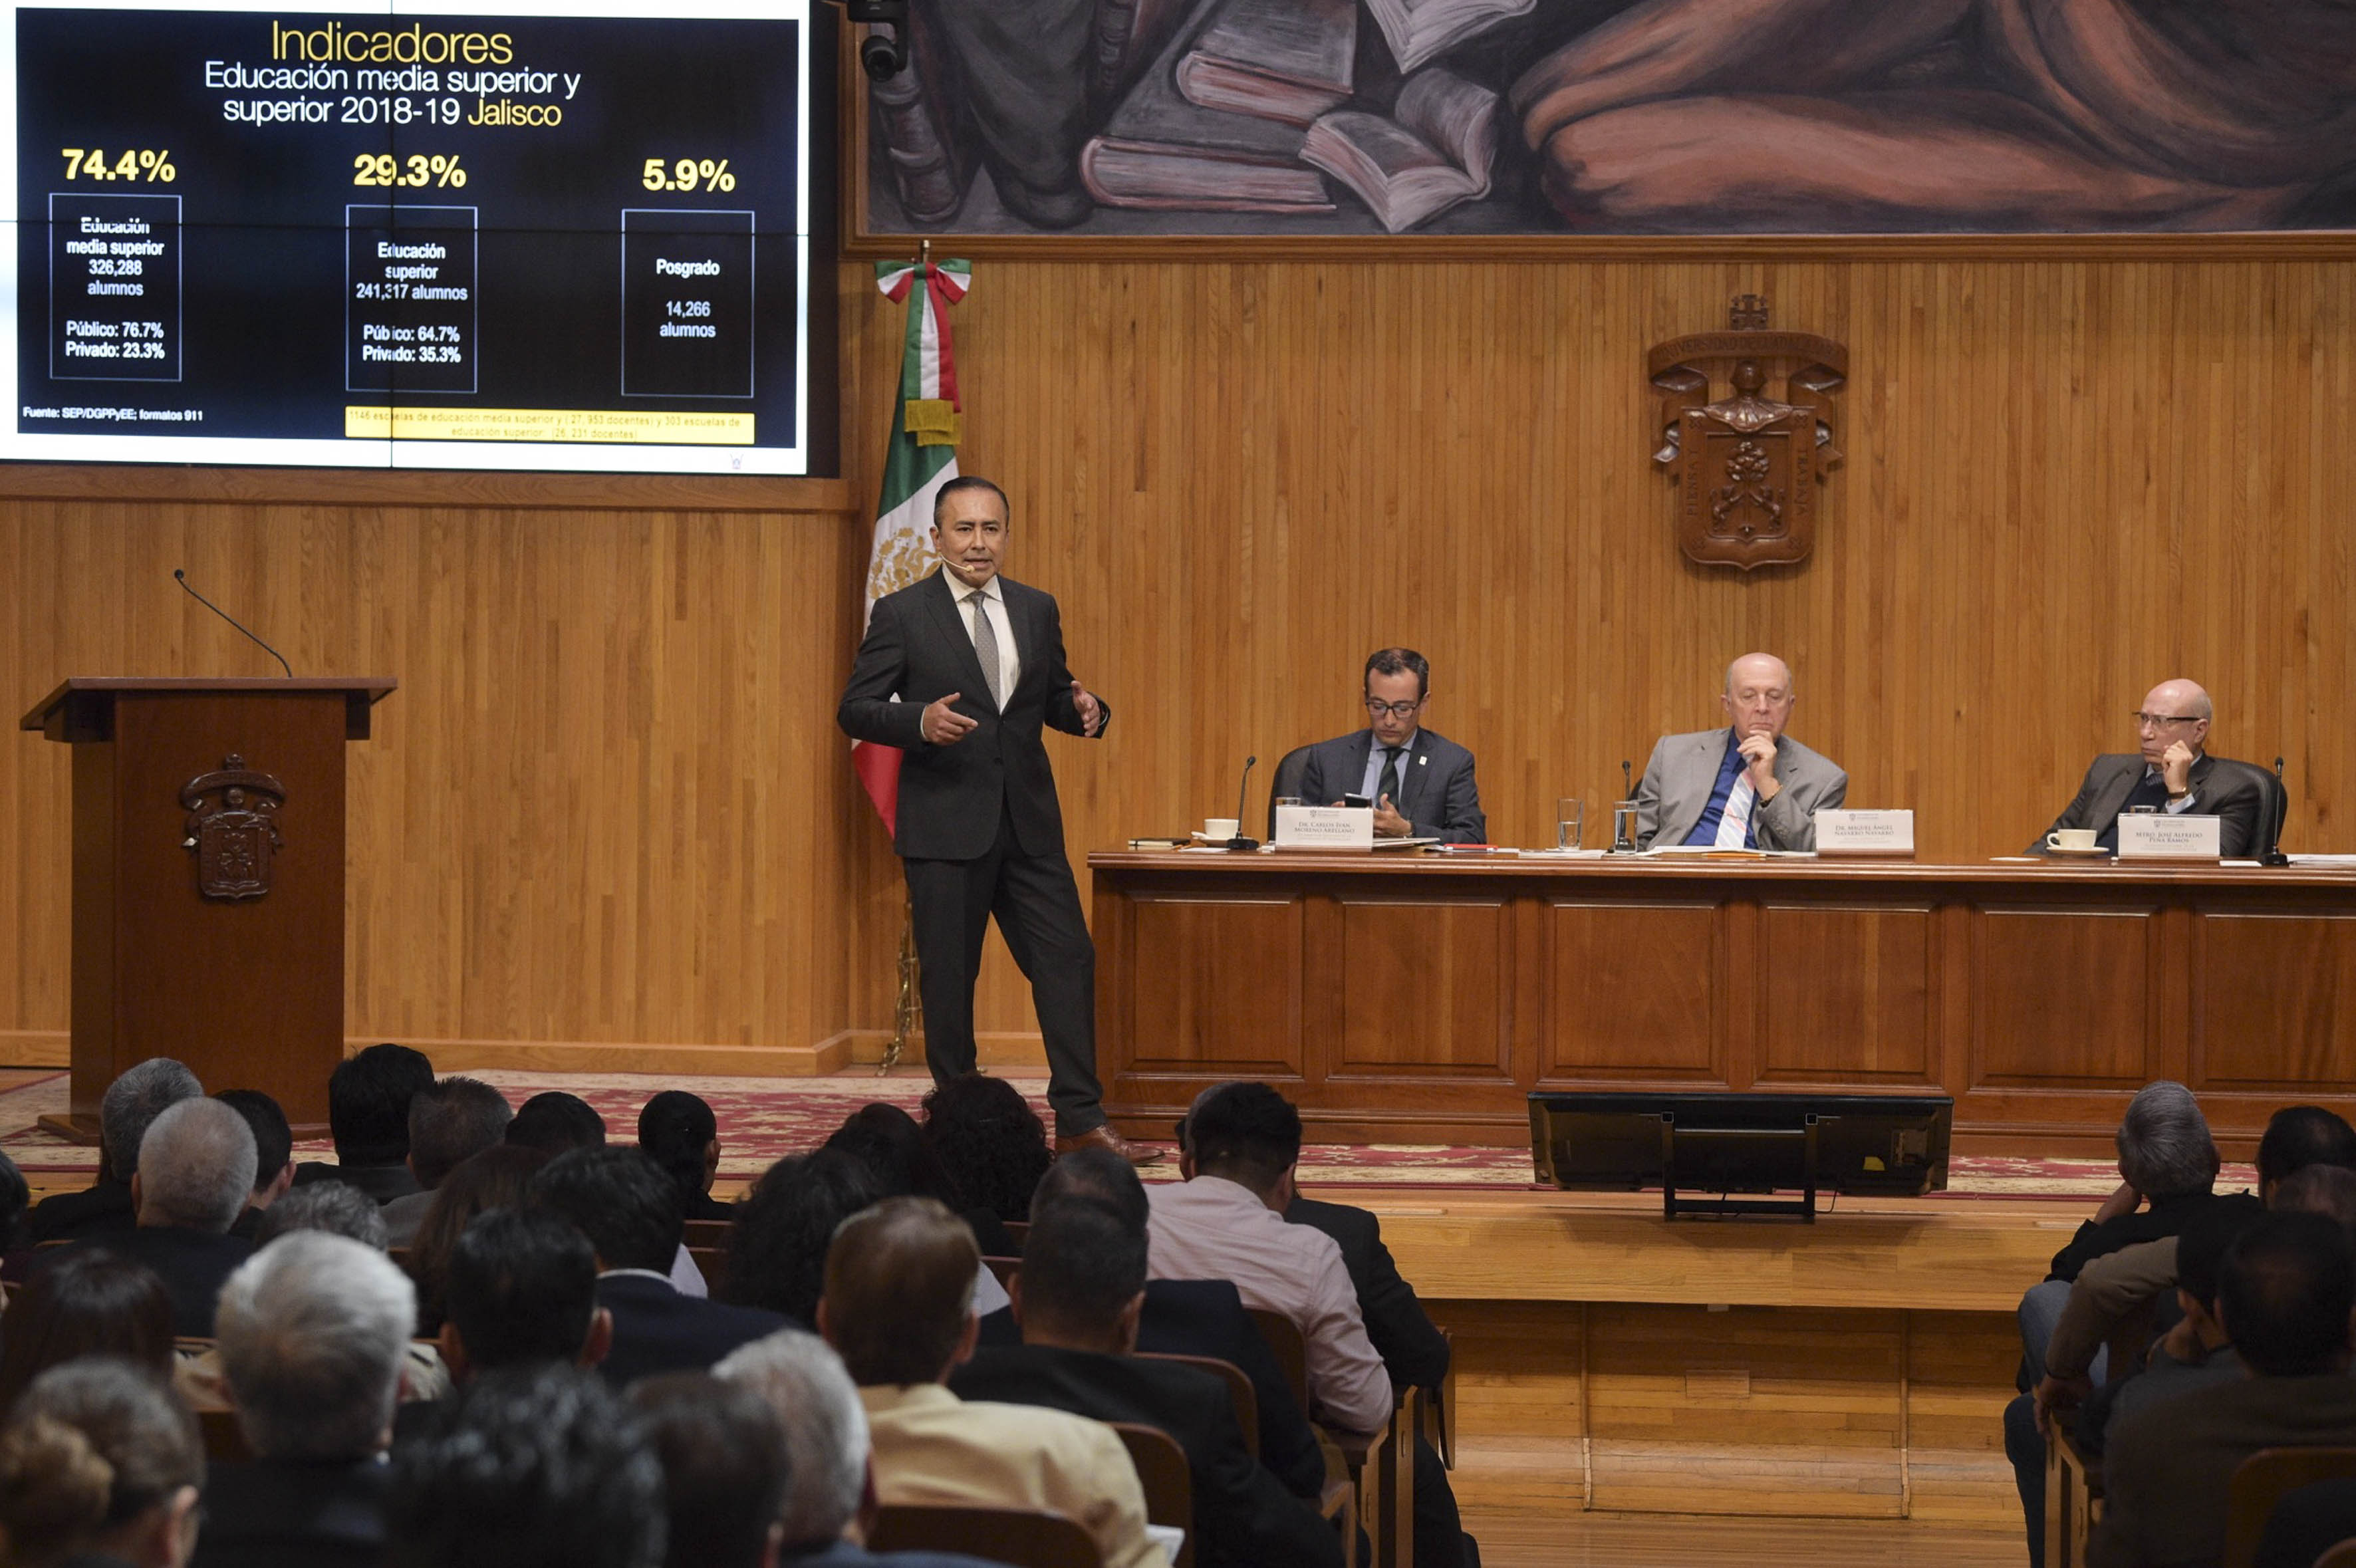 Dr. Jaime Andrade presentando su plan de trabajo, atrás los miembros del presídium